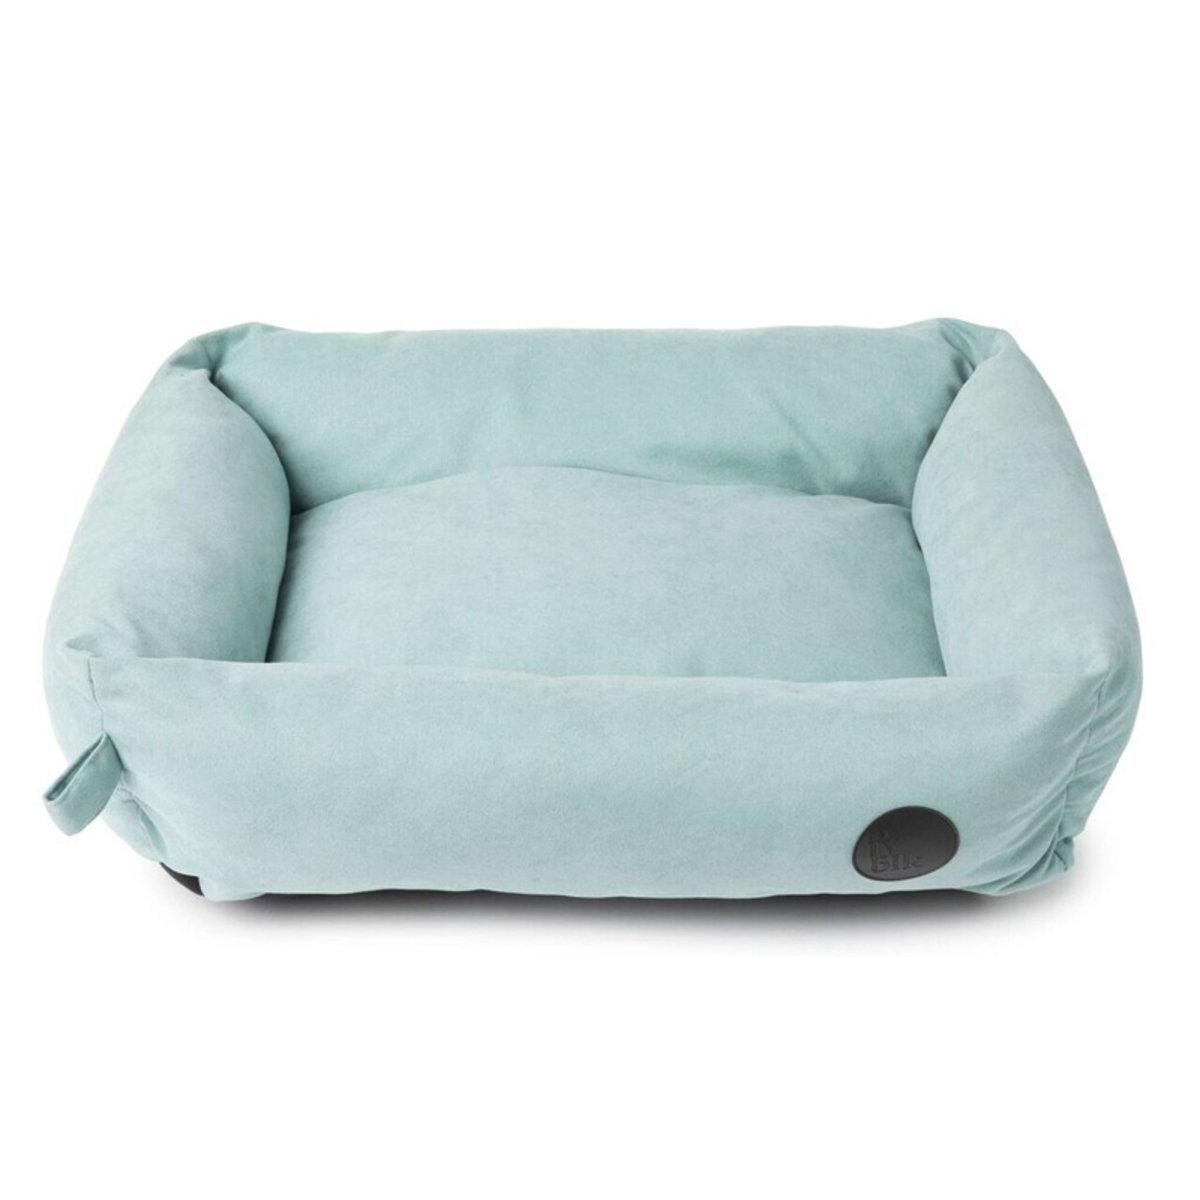 簡約貓犬長型梳化床(粉藍色L)  K28